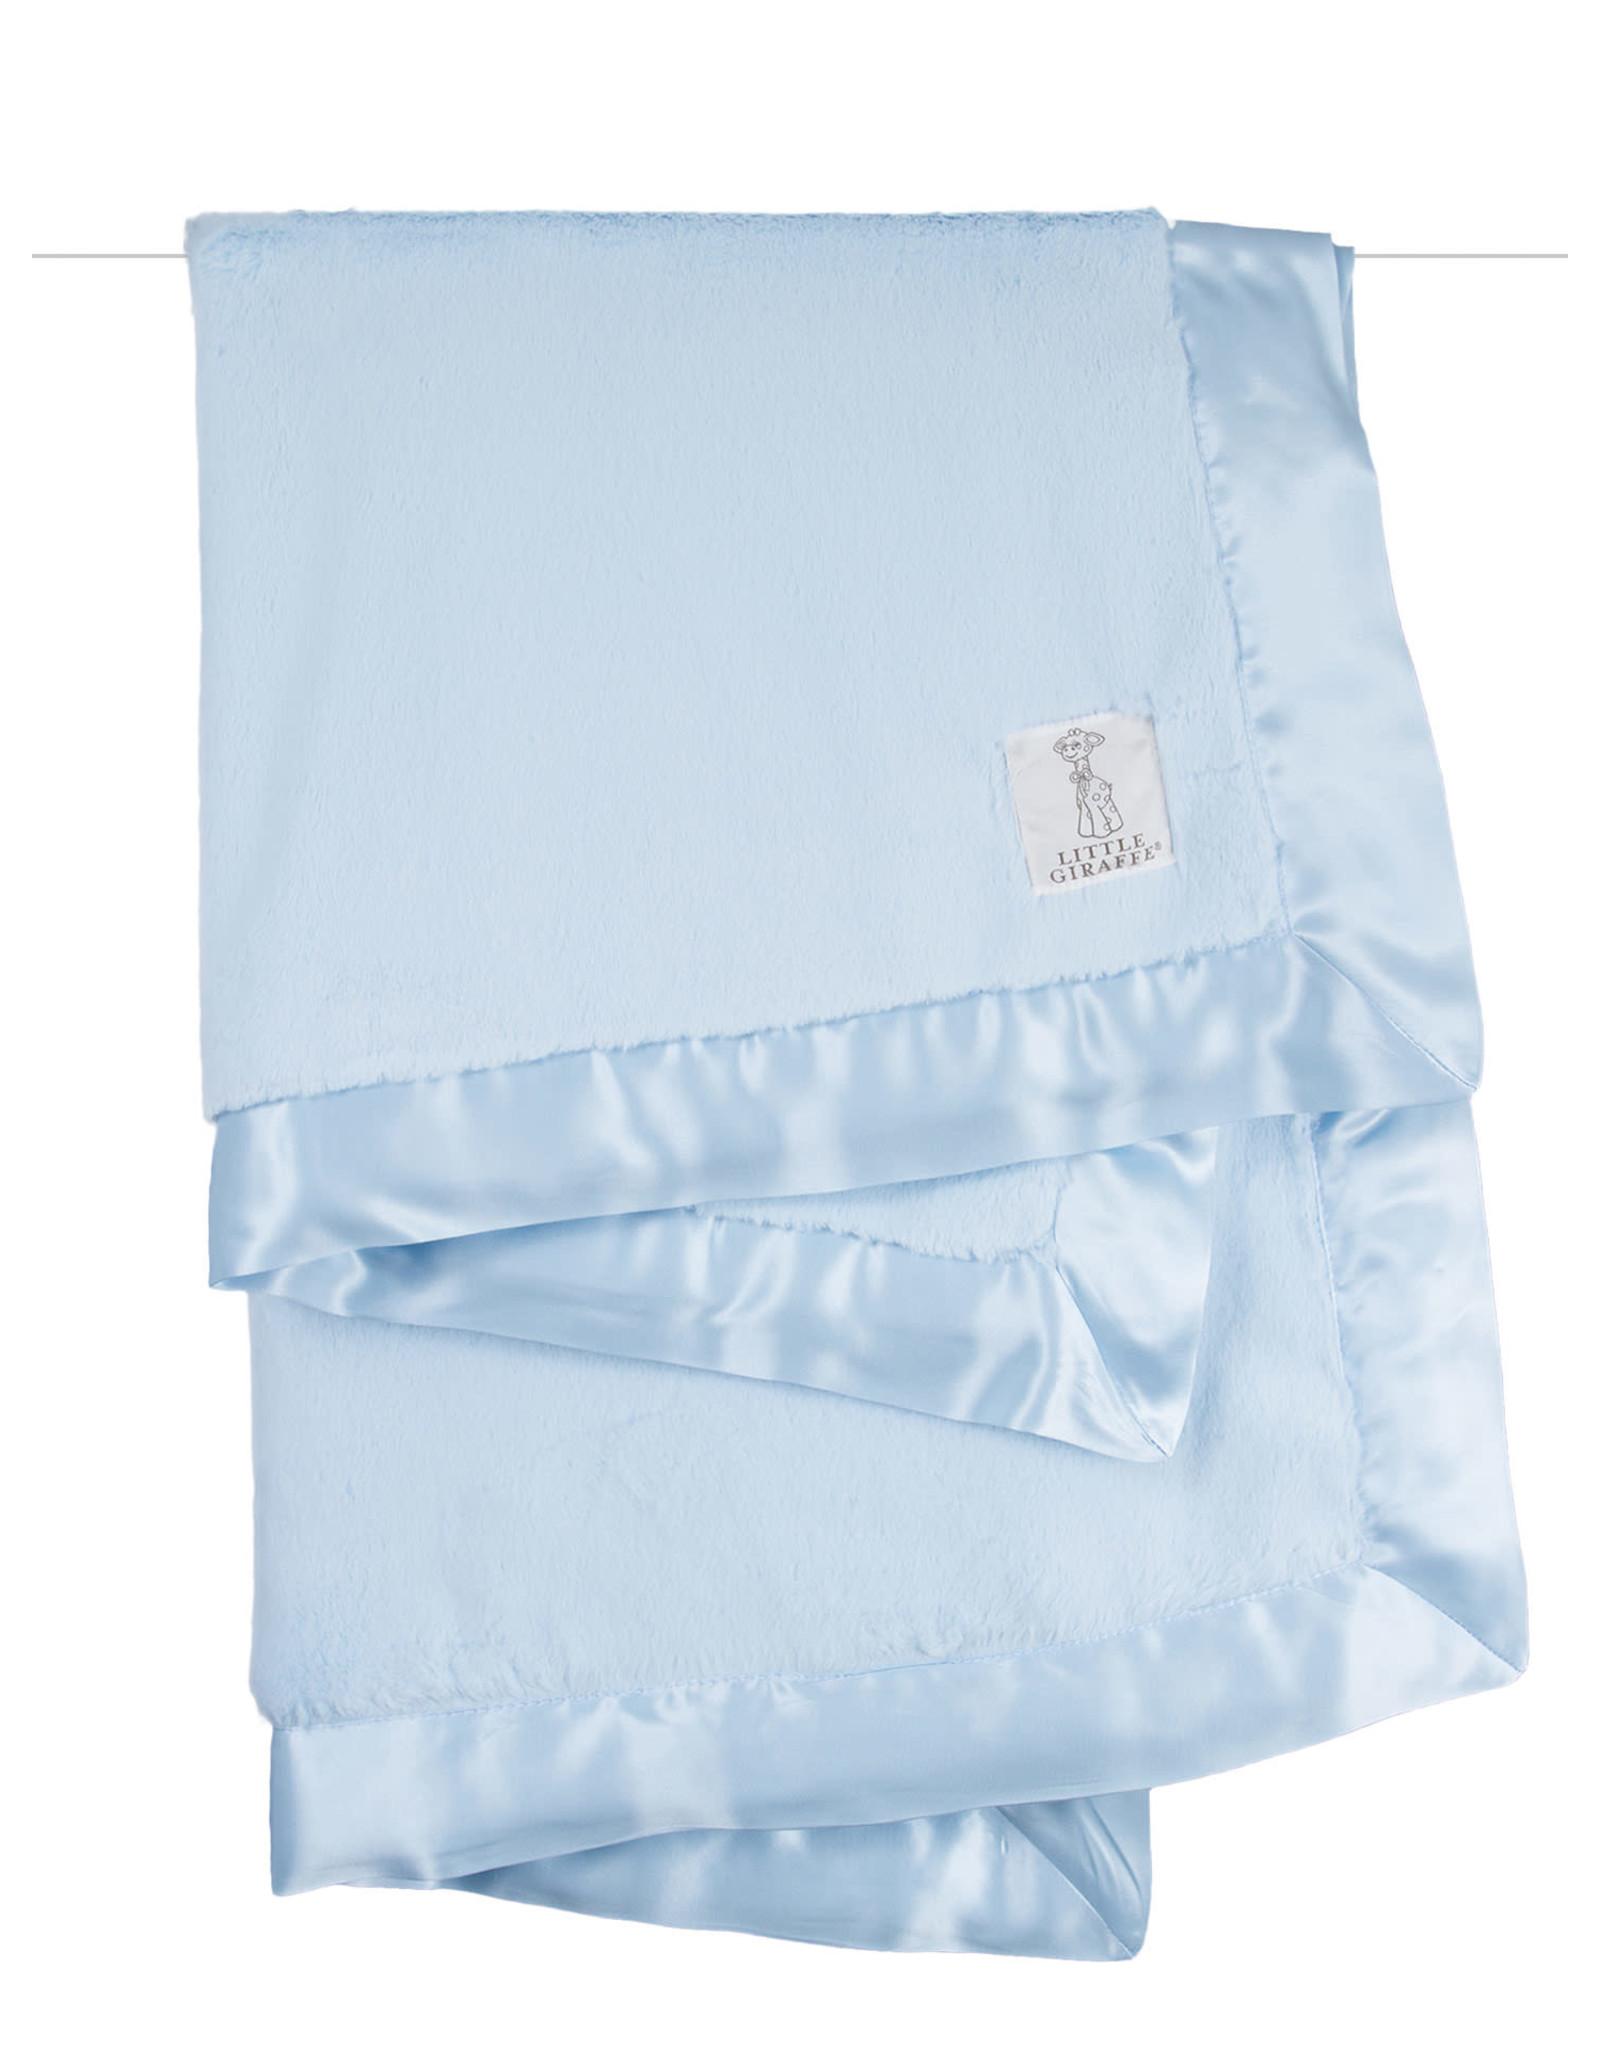 Blanket Luxe